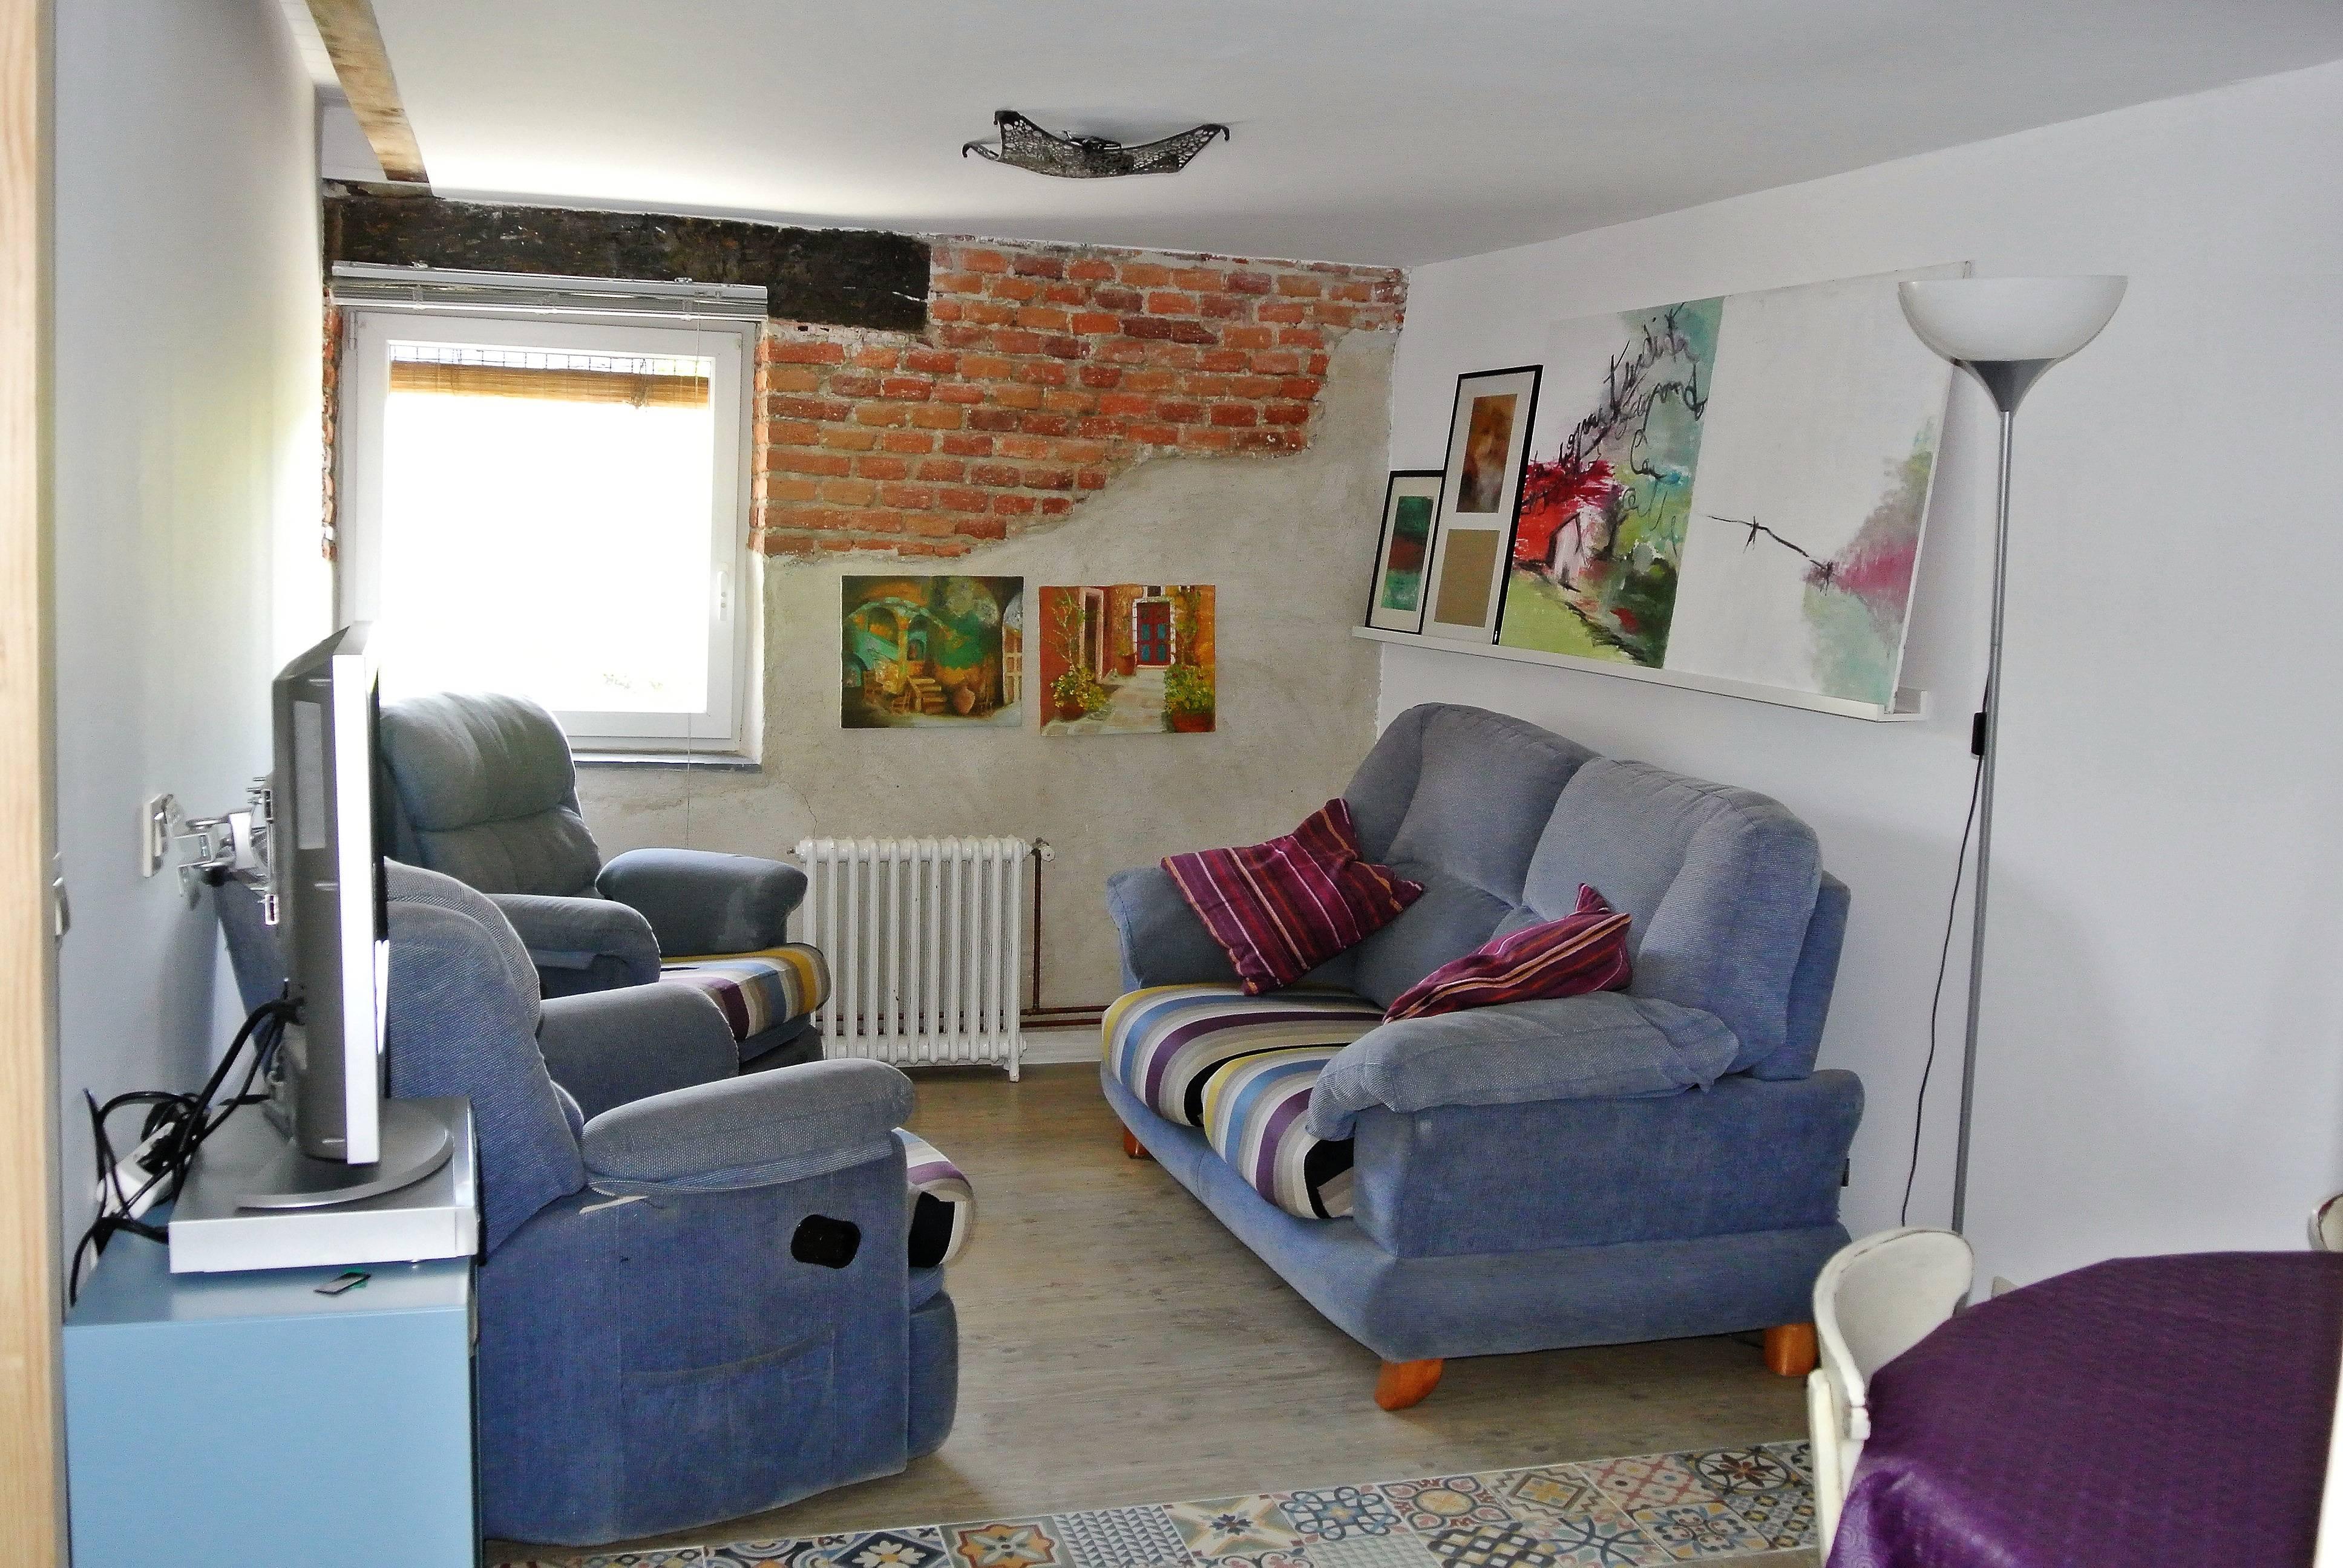 Apartamentos el espinar segovia alquiler apartamentos y pisos tur sticos - Alquiler apartamentos segovia ...